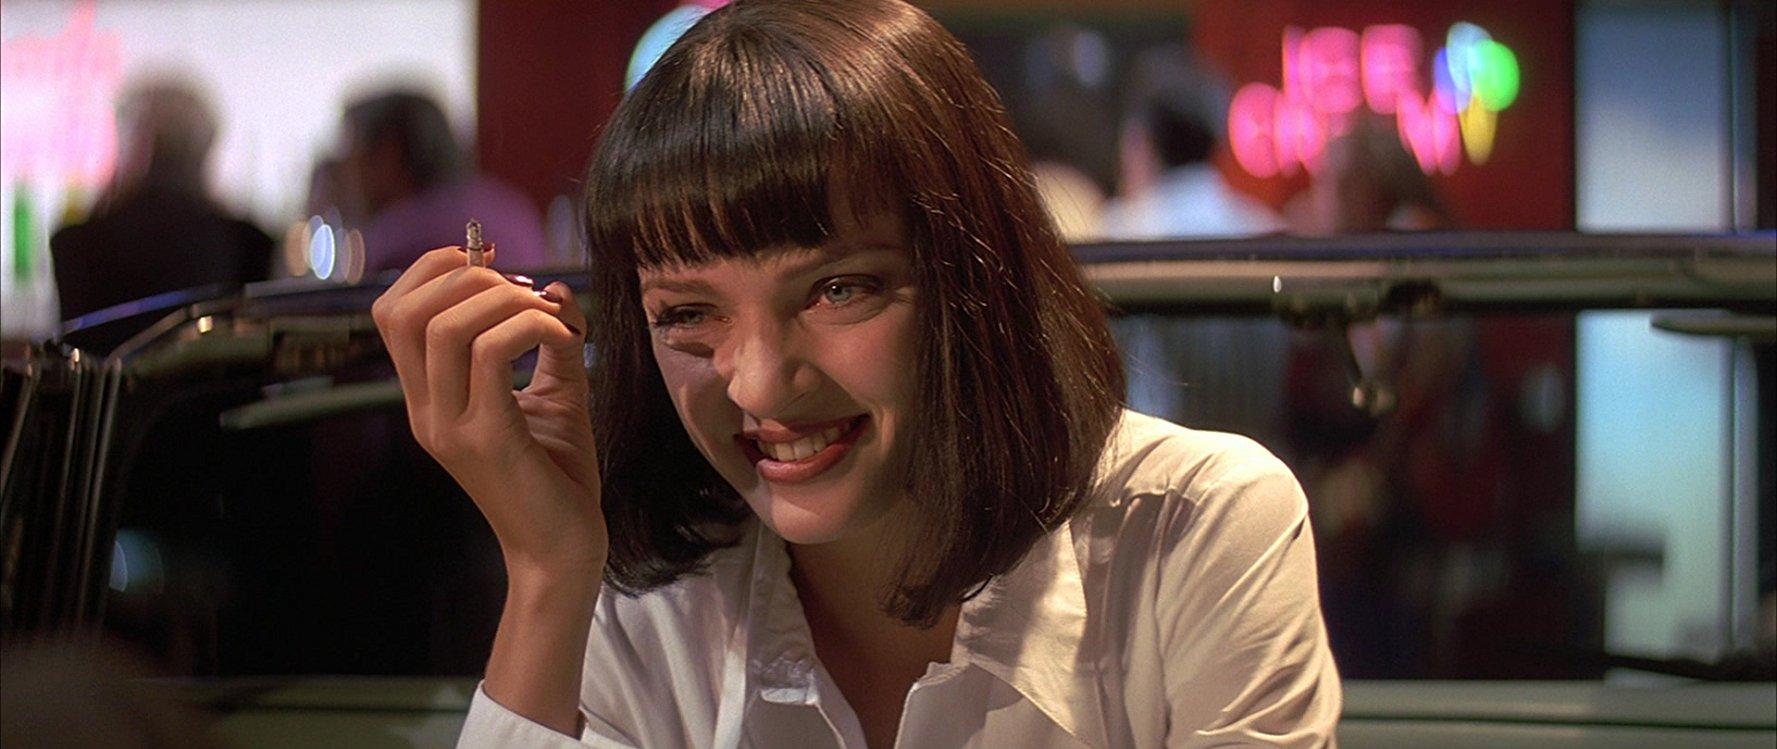 هنرنمایی Uma Thurman در فیلم Pulp Fiction ساختهی کوئنتین تارانتینو